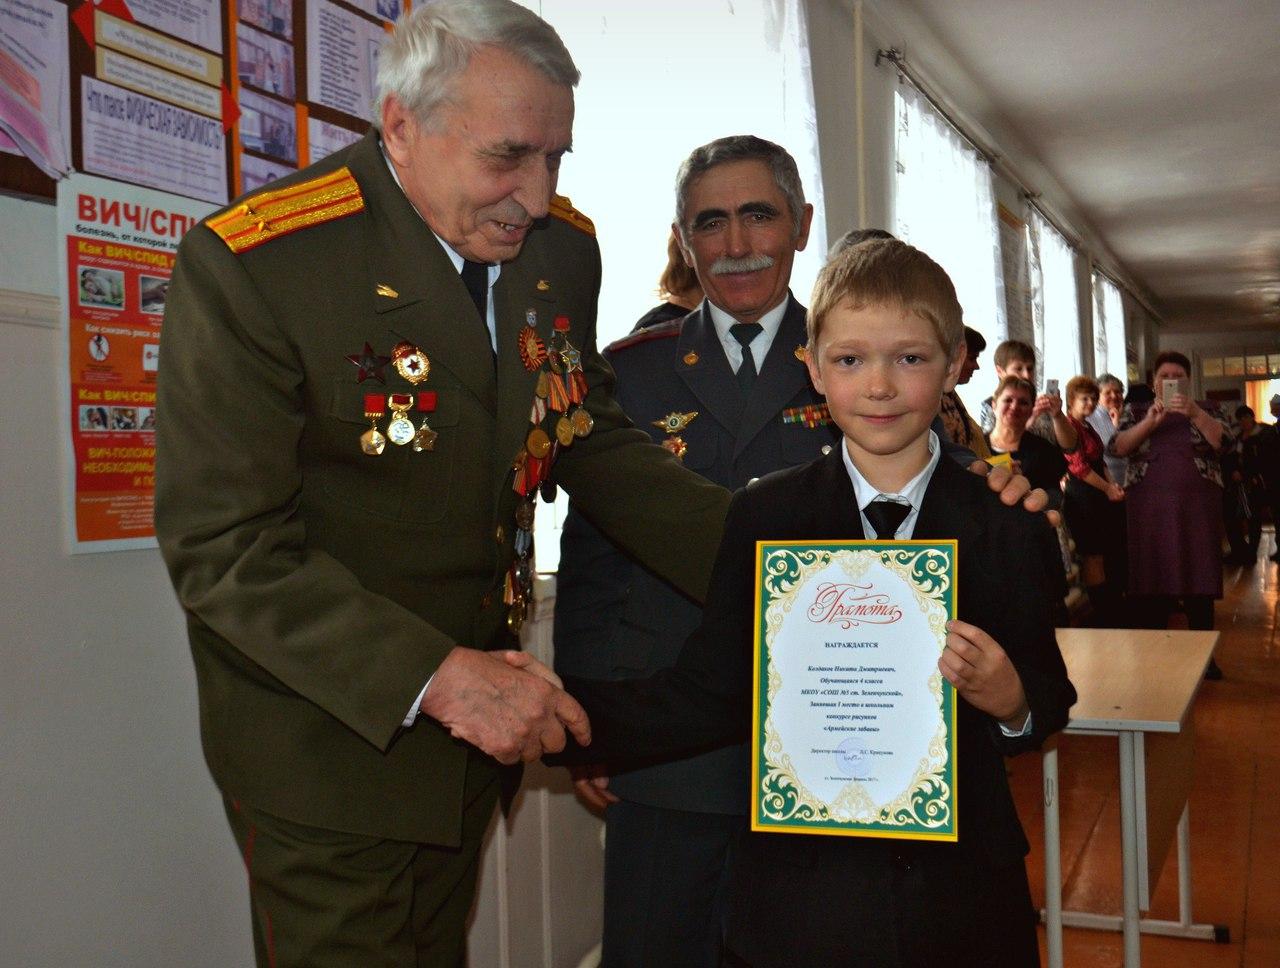 В Зеленчукской состоялось закрытие месячника спортивной, оборонно-массовой и военно-патриотической работы